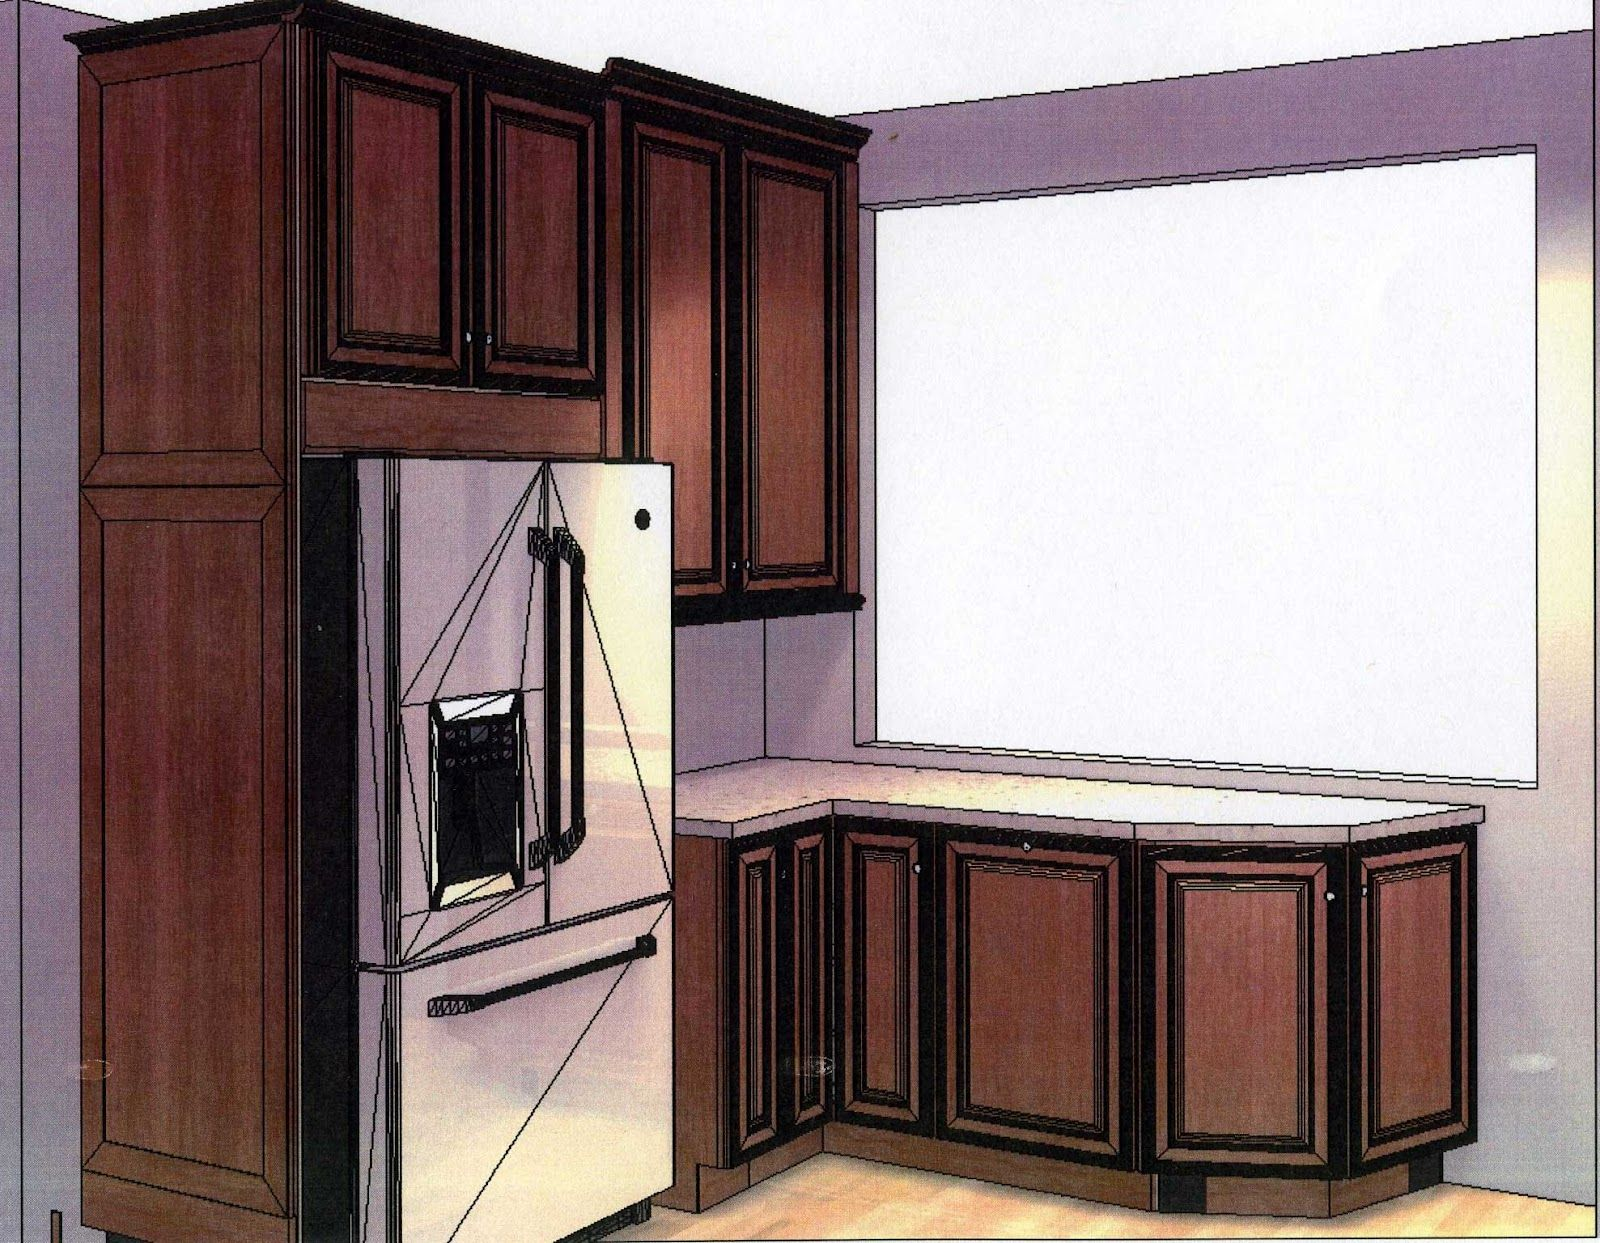 T geformte kücheninsel-designs mit sitzgelegenheiten benutzerdefinierte küche schränke küche schränke grosshandel